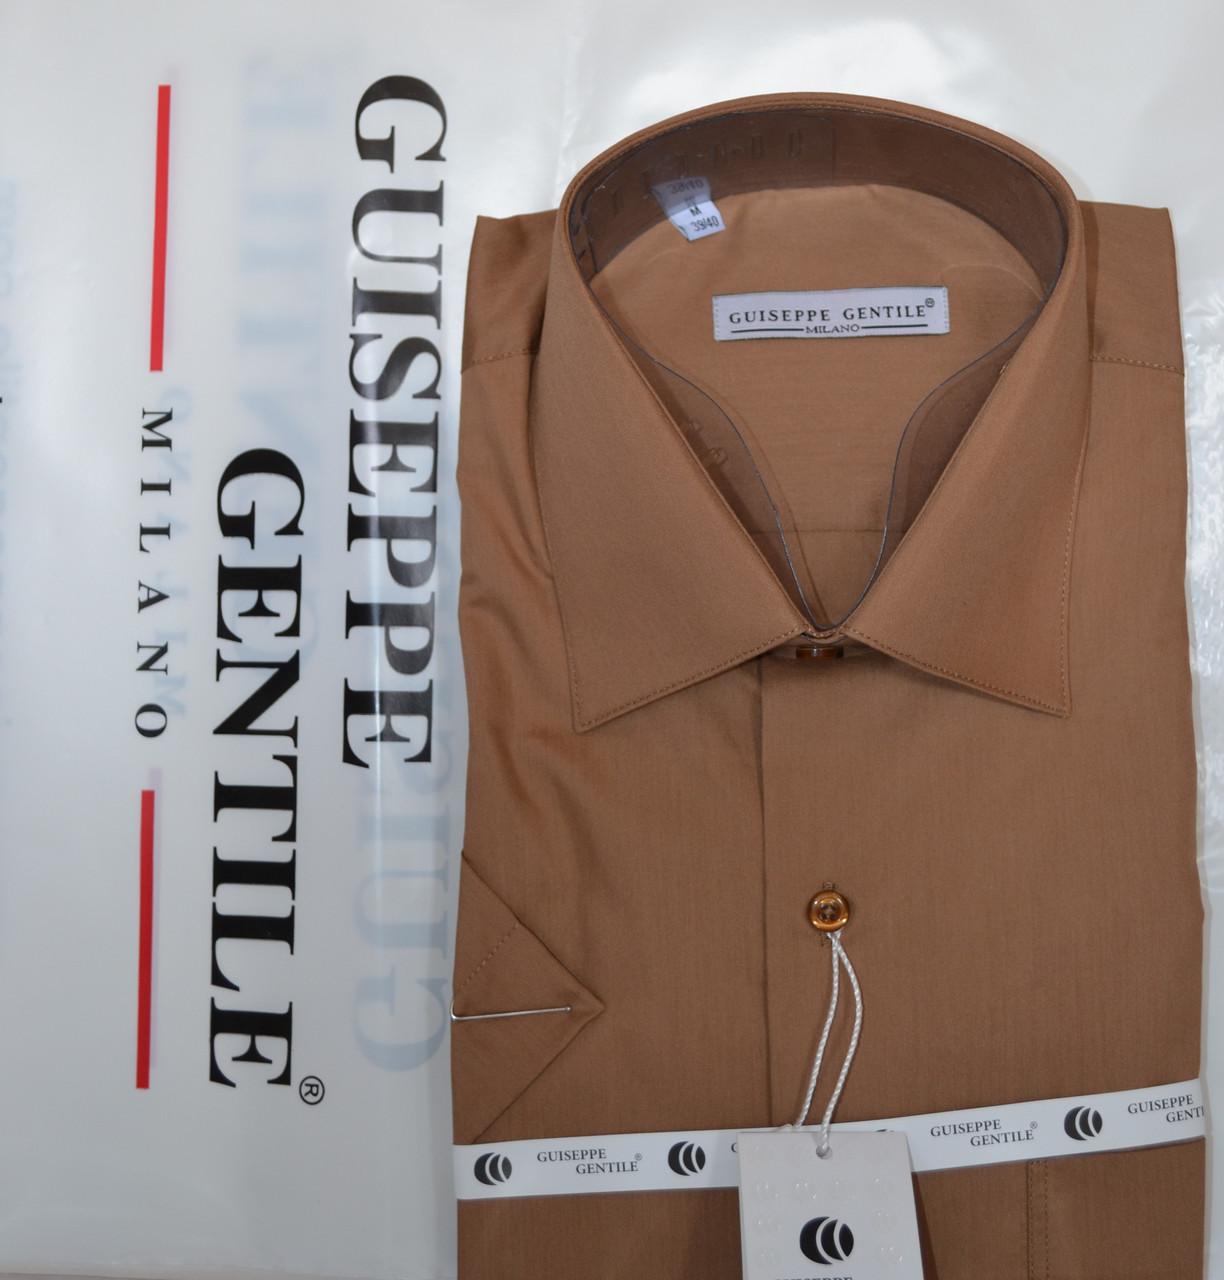 КОРИЧНЕВА сорочка з коротким рукавом ТУРЕЧЧИНА Guiseppe Gentile розміри (M. L)